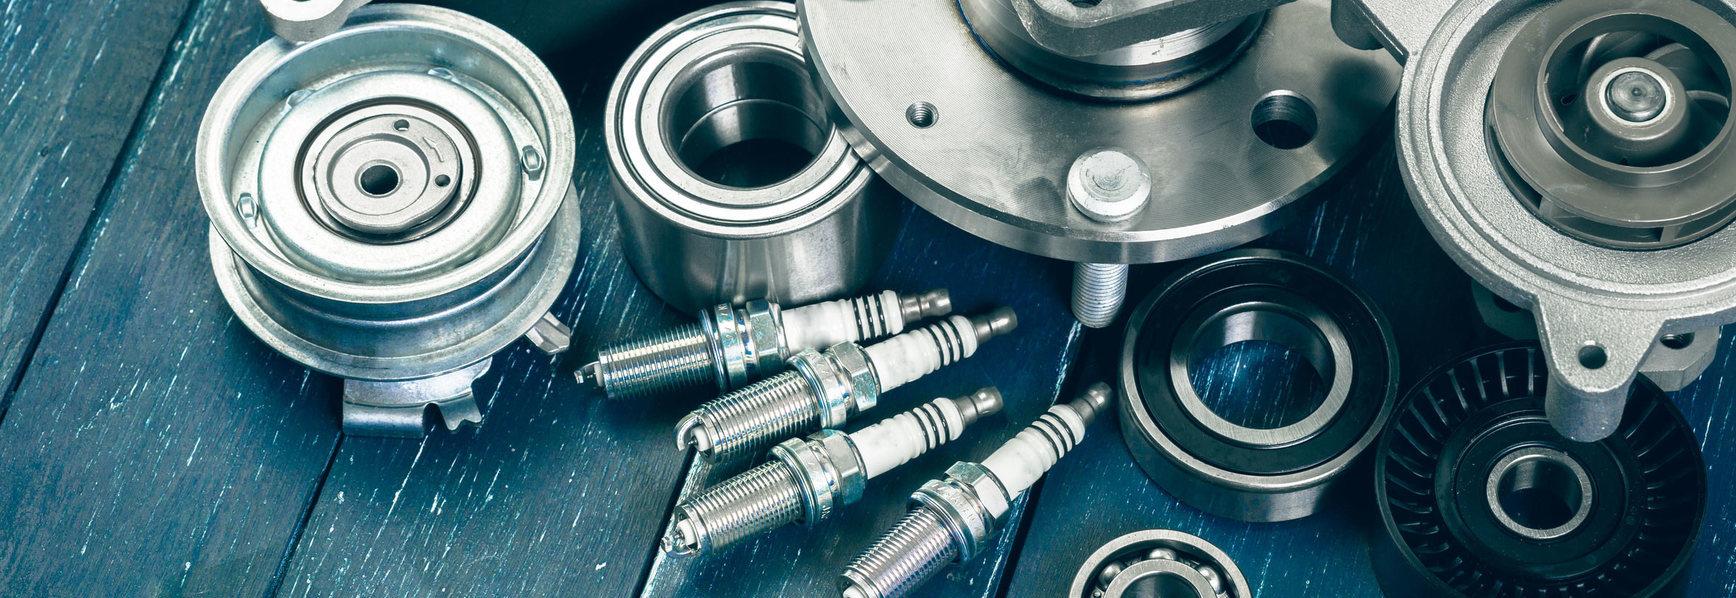 Umfassende TecDoc Lösungen für die Automobilindustrie